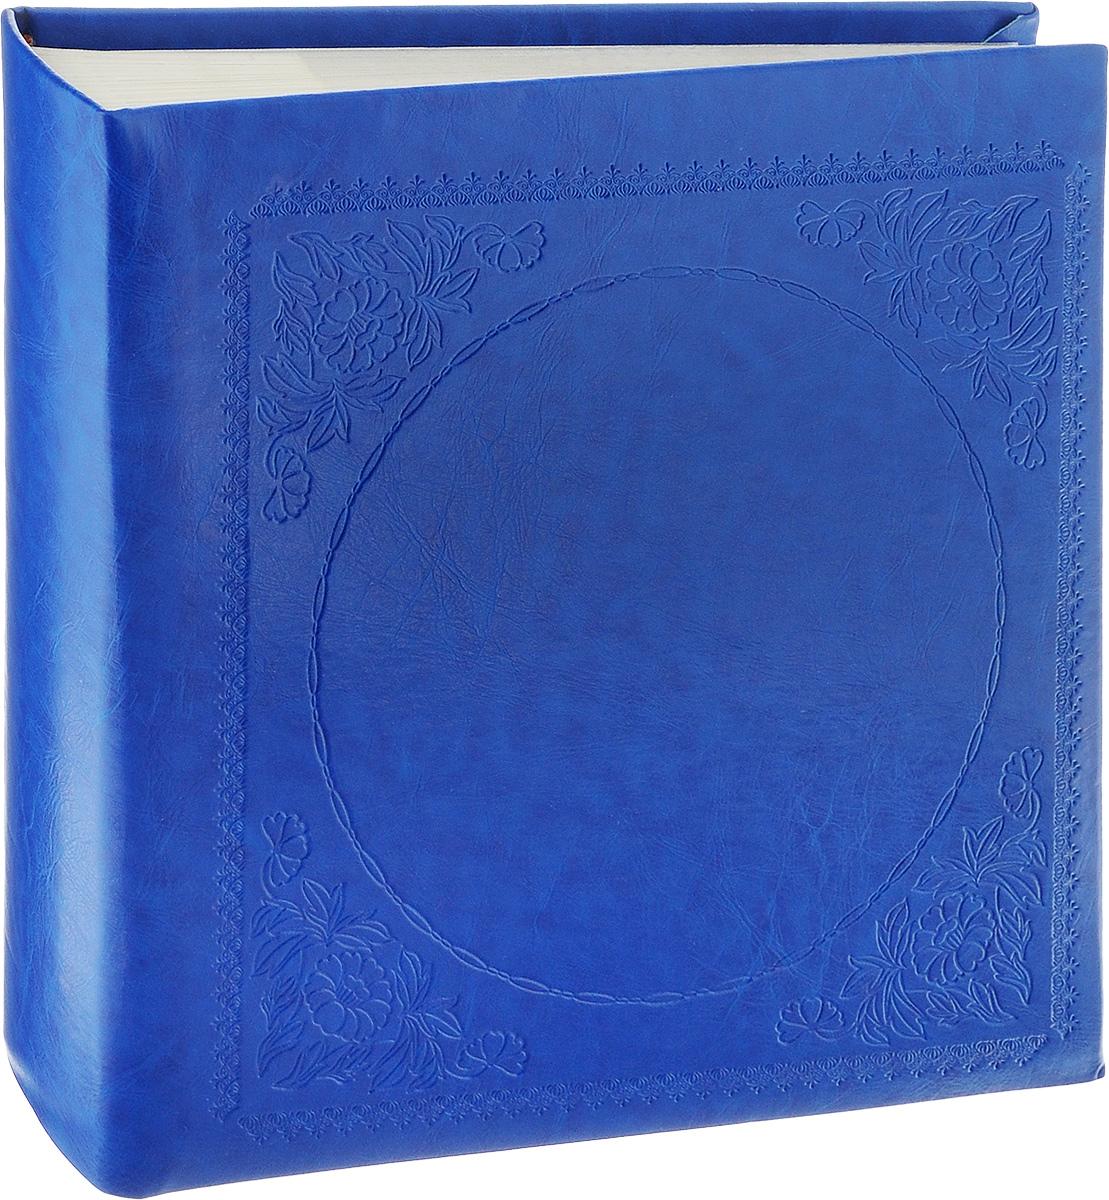 Фотоальбом Pioneer Glossy Leathern, 200 фотографий, цвет: синий, 10 x 15 см46835 LT-4R200PPBB/WФотоальбом Pioneer Glossy Leathern позволит вам запечатлеть незабываемые моменты вашей жизни, сохранить свои истории и воспоминания на его страницах. Обложка из толстого картона обтянута искусственной кожей и оформлена декоративным тиснением. Фотоальбом рассчитан на 200 фотографий форматом 10 x 15 см (по 2 на странице). Имеются поля для подписей. Такой необычный фотоальбом позволит легко заполнить страницы вашей истории, и с годами ничего не забудется. Тип обложки: Делюкс (Искусственная кожа). Страницы: Бумажные. Тип переплета: Книжный. Кол-во фотографий: 200. Материалы, использованные в изготовлении альбома, обеспечивают высокое качество хранения ваших фотографий, поэтому фотографии не желтеют со временем.